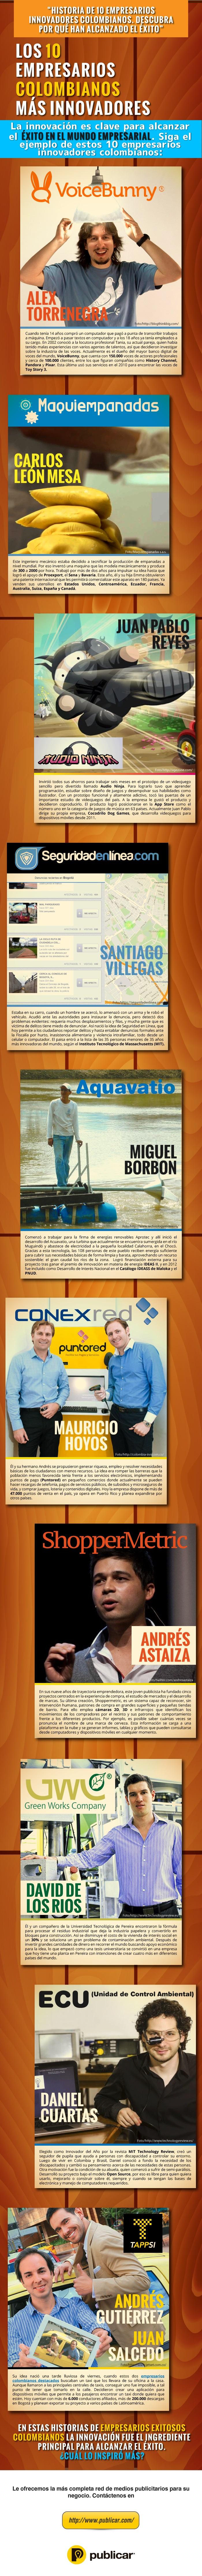 Empresarios Innovadores Colombianos